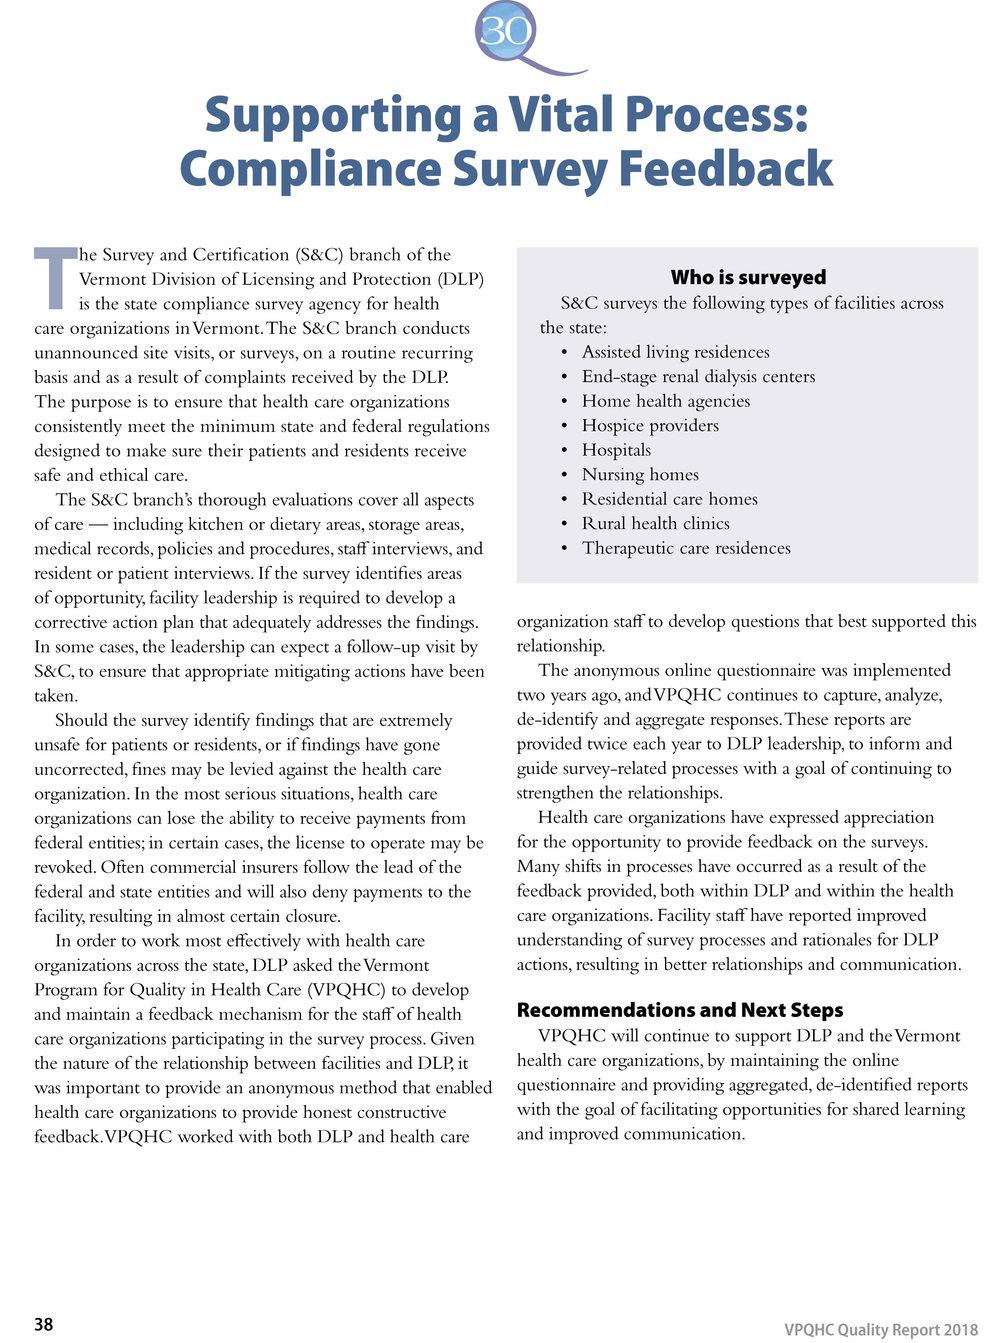 ComplianceFeedback1.jpg